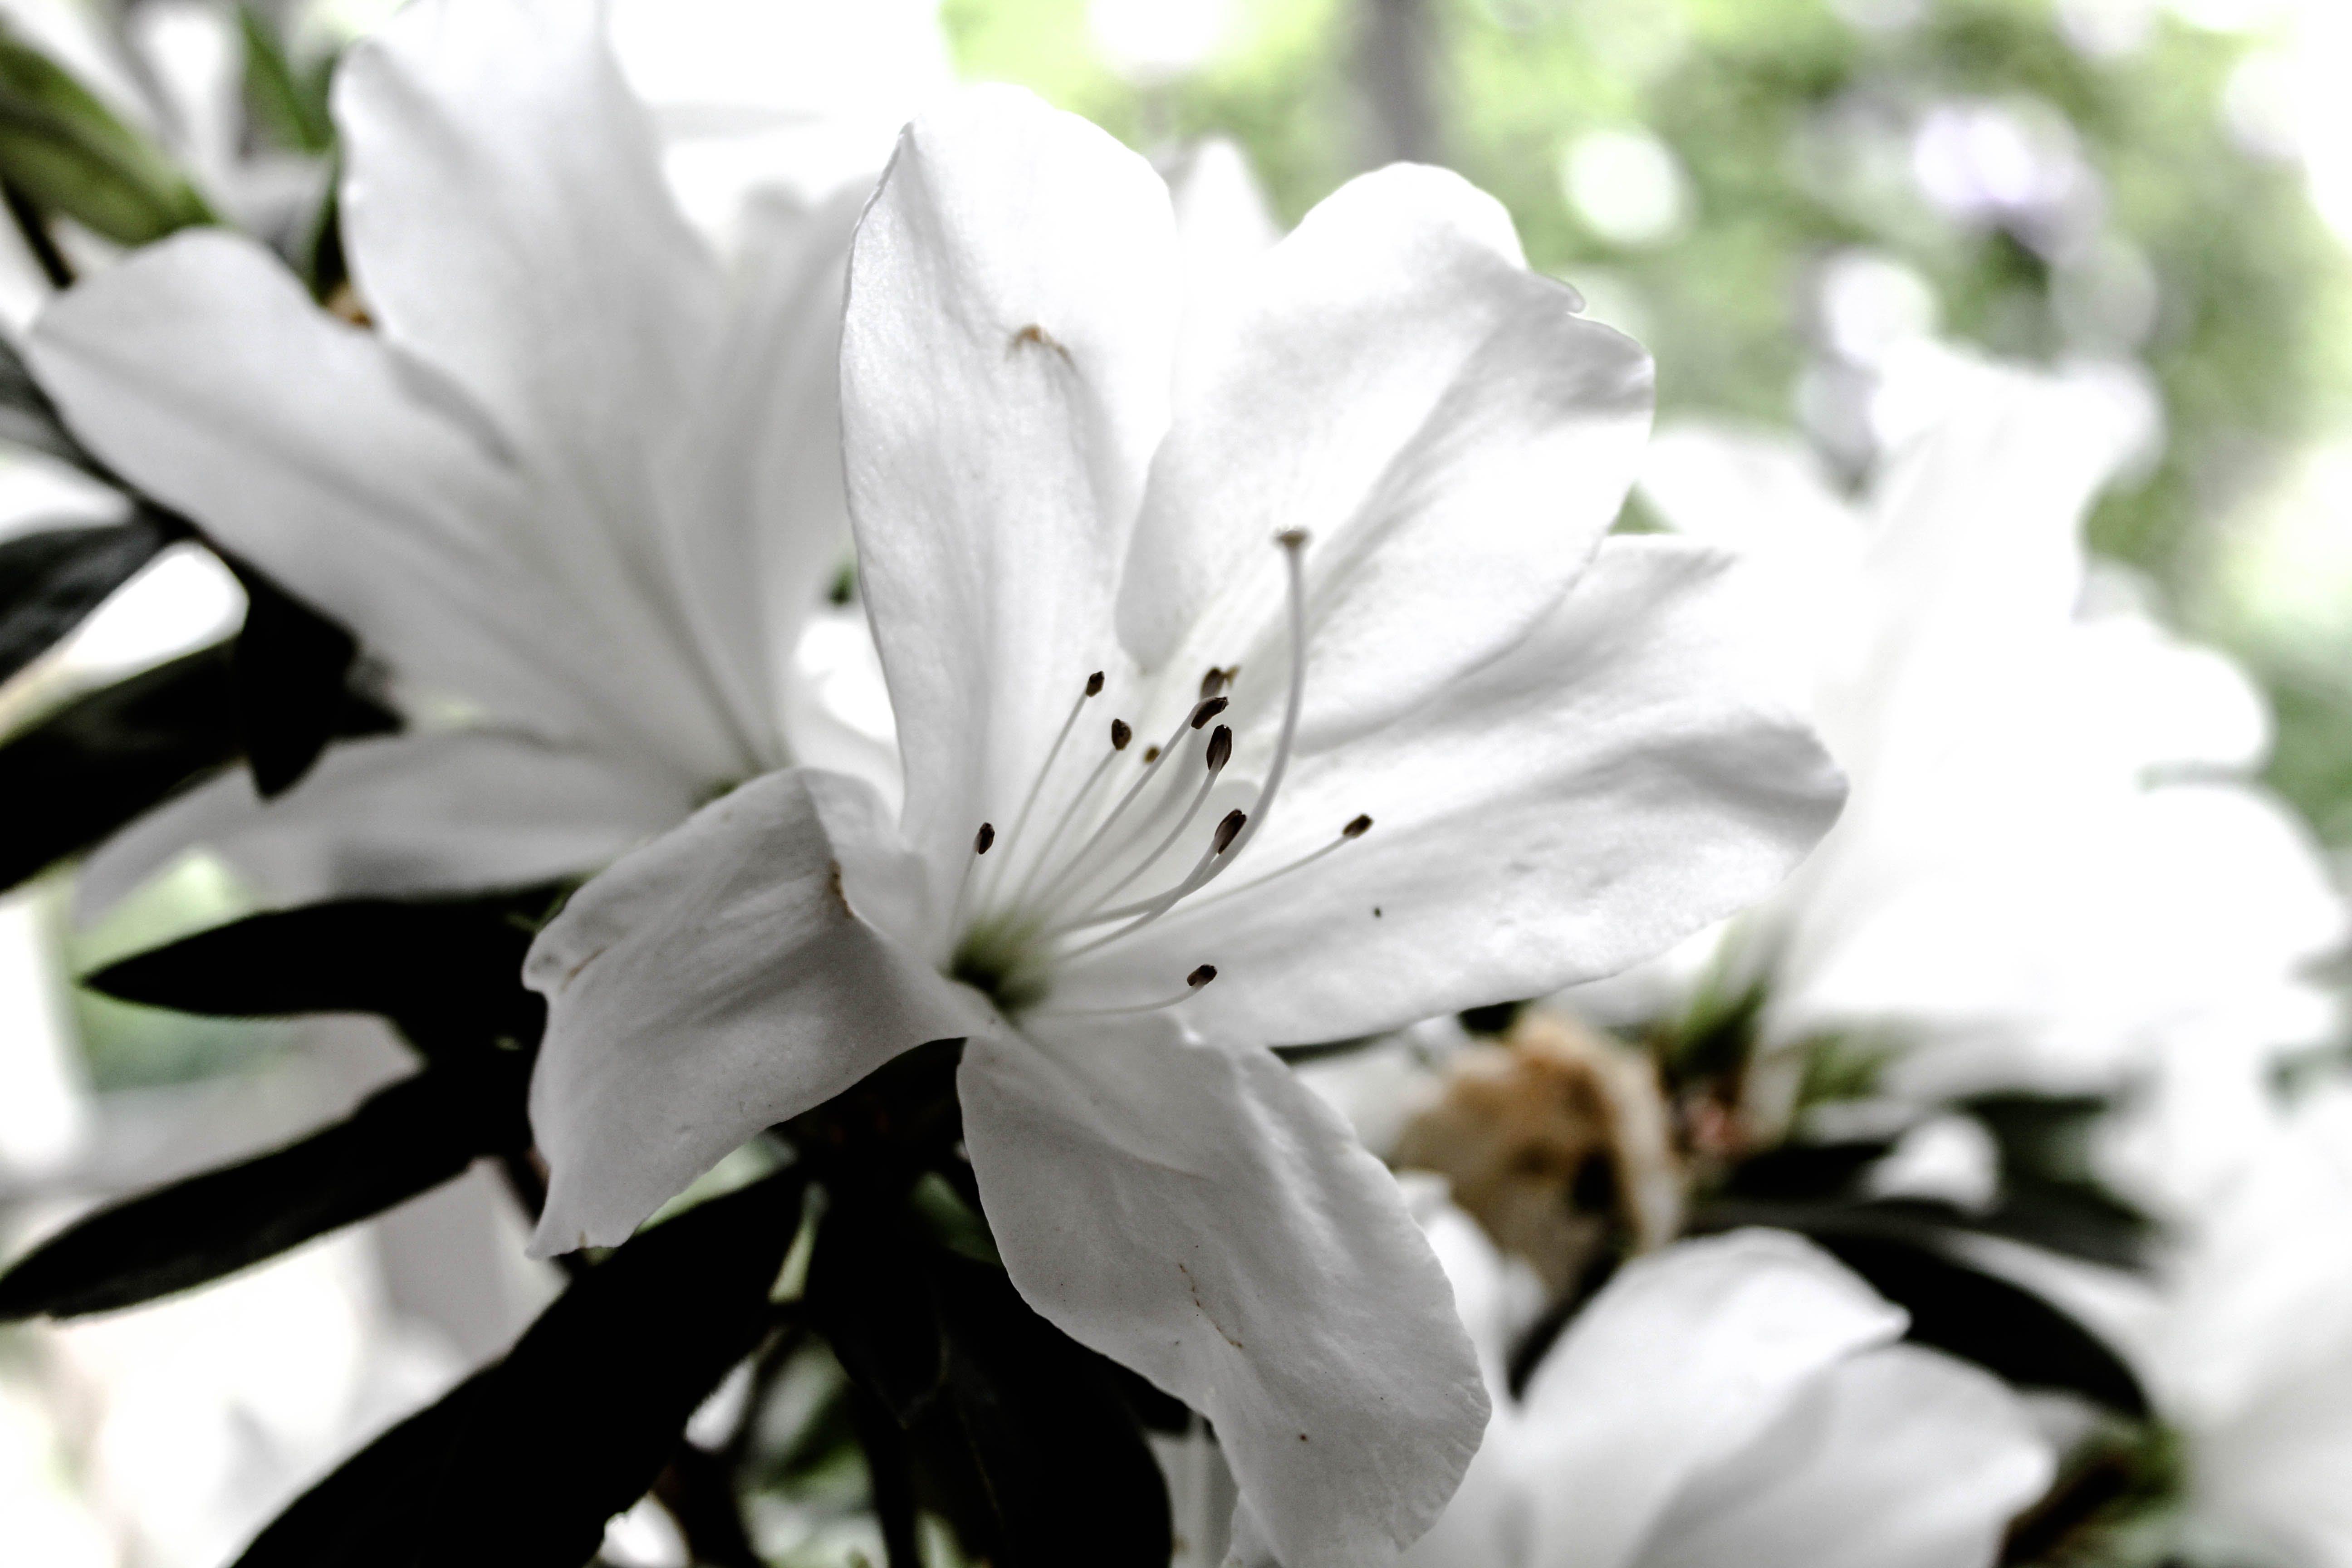 Gratis stockfoto met helderheid, mooi, witte bloem